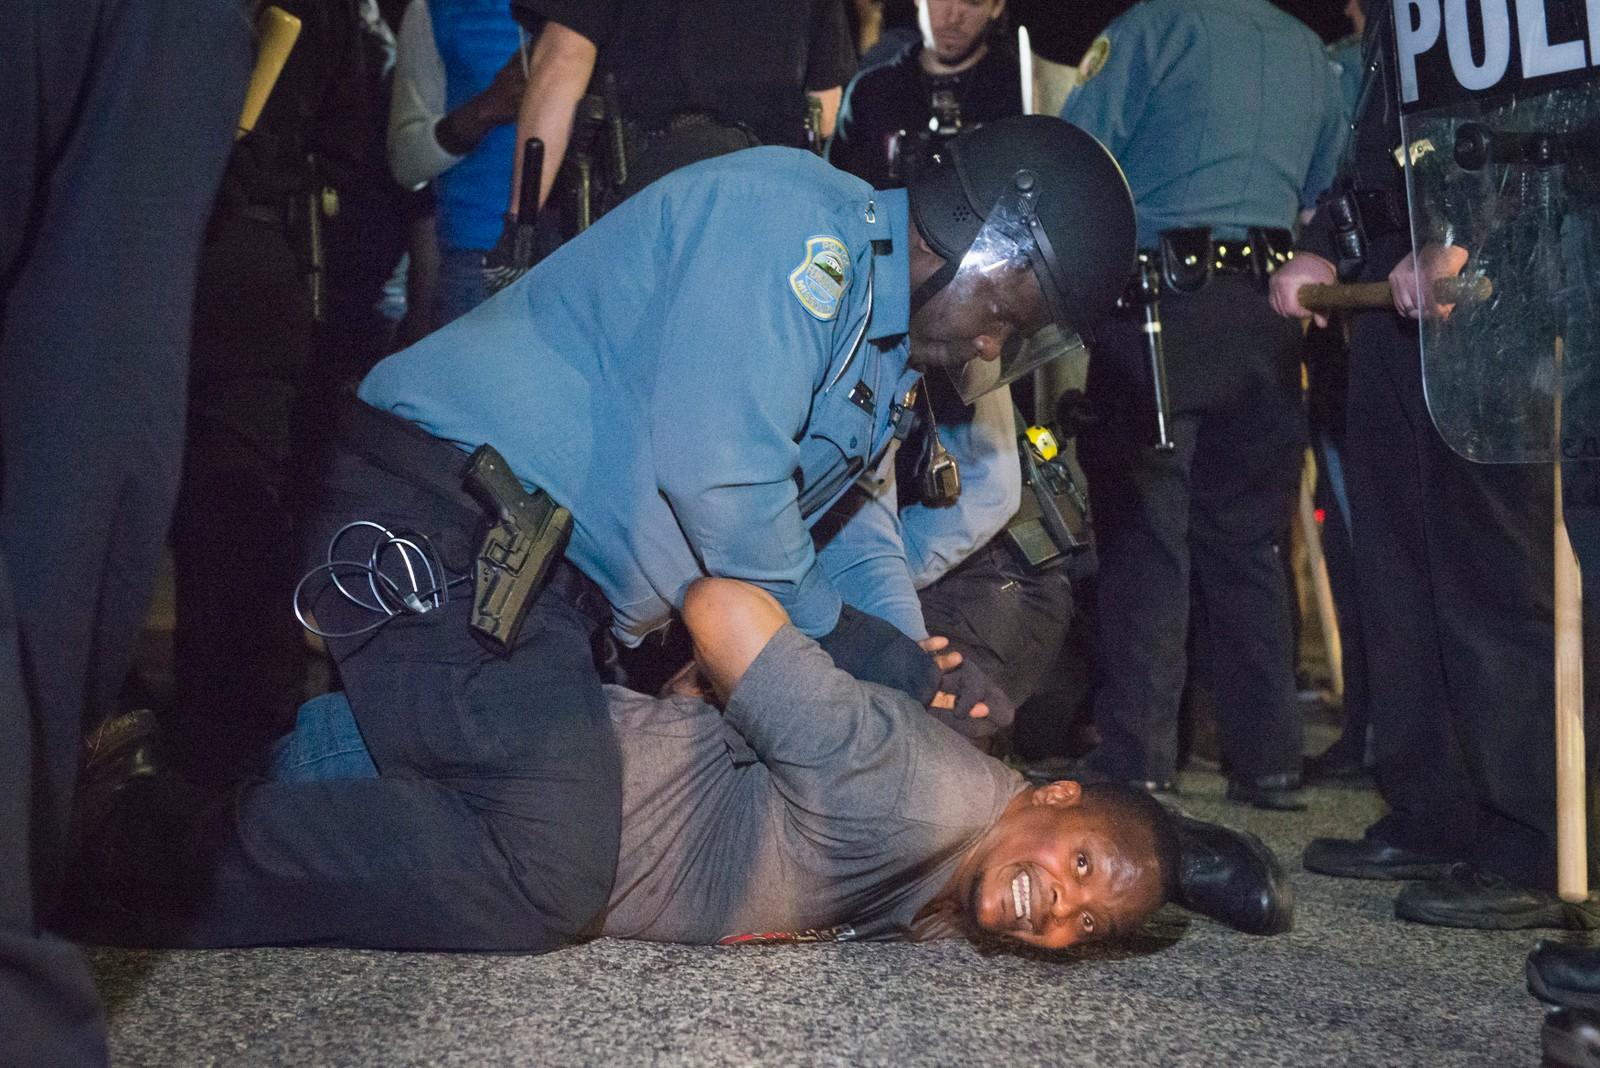 Politiet arresterer en demonstrant før skuddene ble avfyrt. Store folkemengder tok til gatene da politimesteren i Ferguson trakk seg etter langvarig press og rasismeanklager. REUTERS/Kate Munsch.